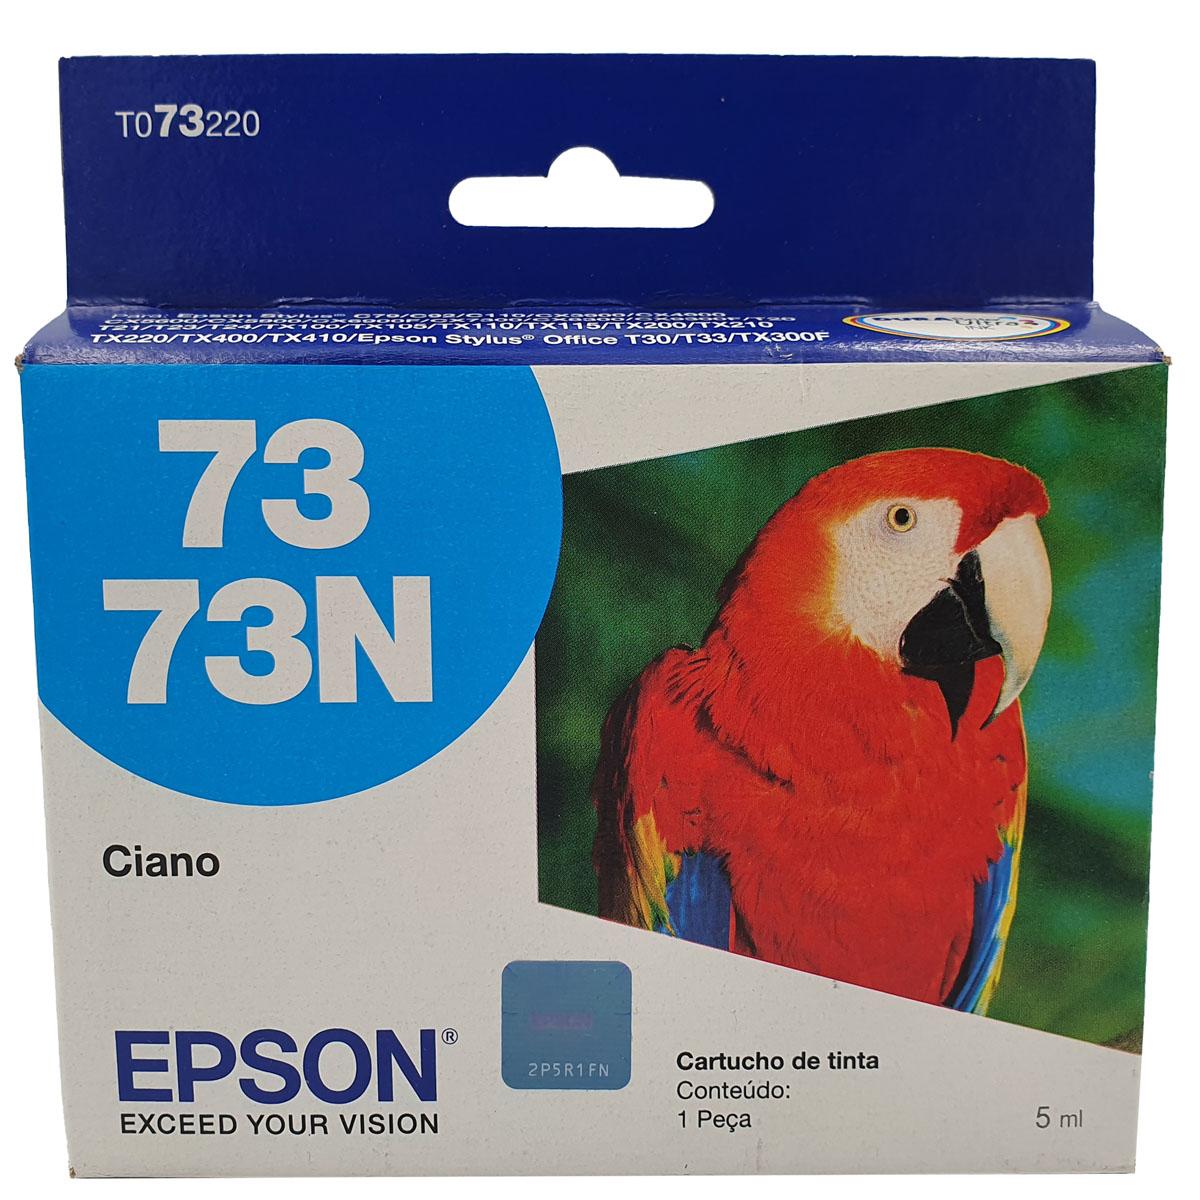 Cartucho EPSON T073220 TO732N TO732 73N Ciano para c79 CX4900 T24 TX105 TX115 T33